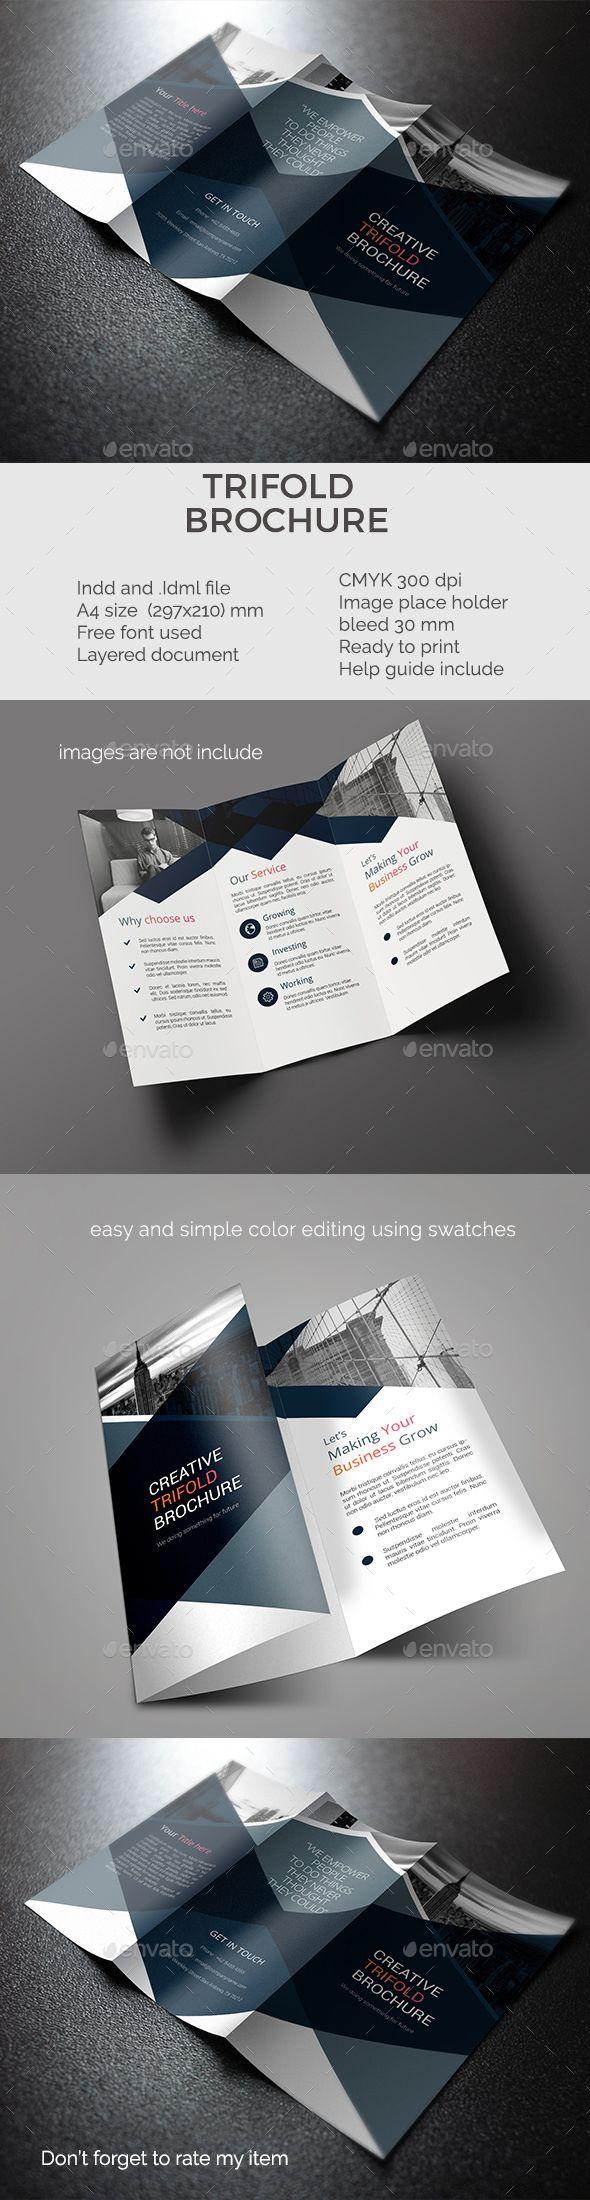 trifold brochure — InDesign INDD #3 fold #blue • Download ➝ https ...